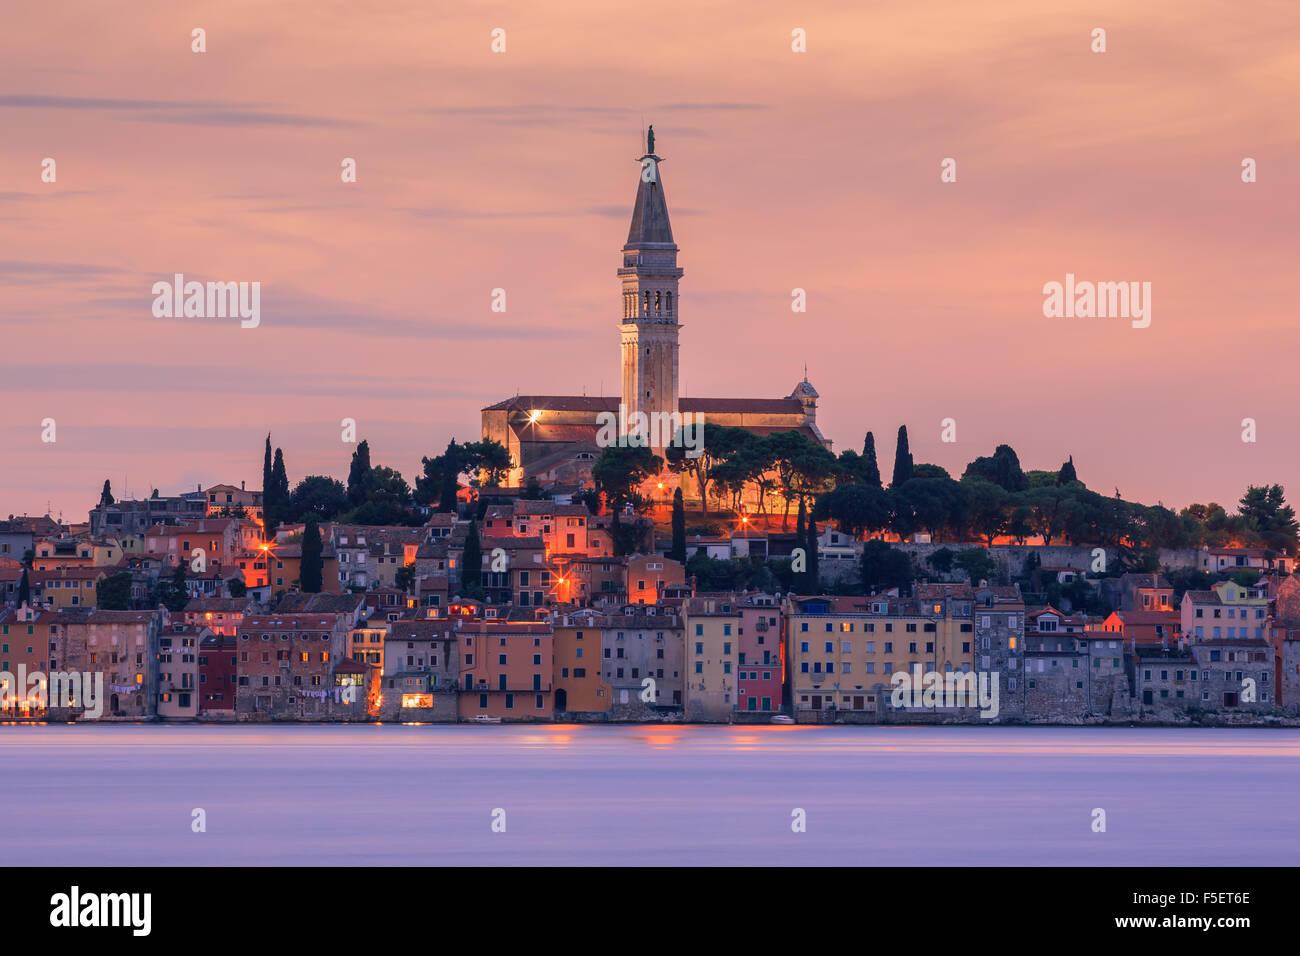 Rovinj es una ciudad de Croacia situado en el norte del Mar Adriático. Situado en la costa occidental de la península Foto de stock